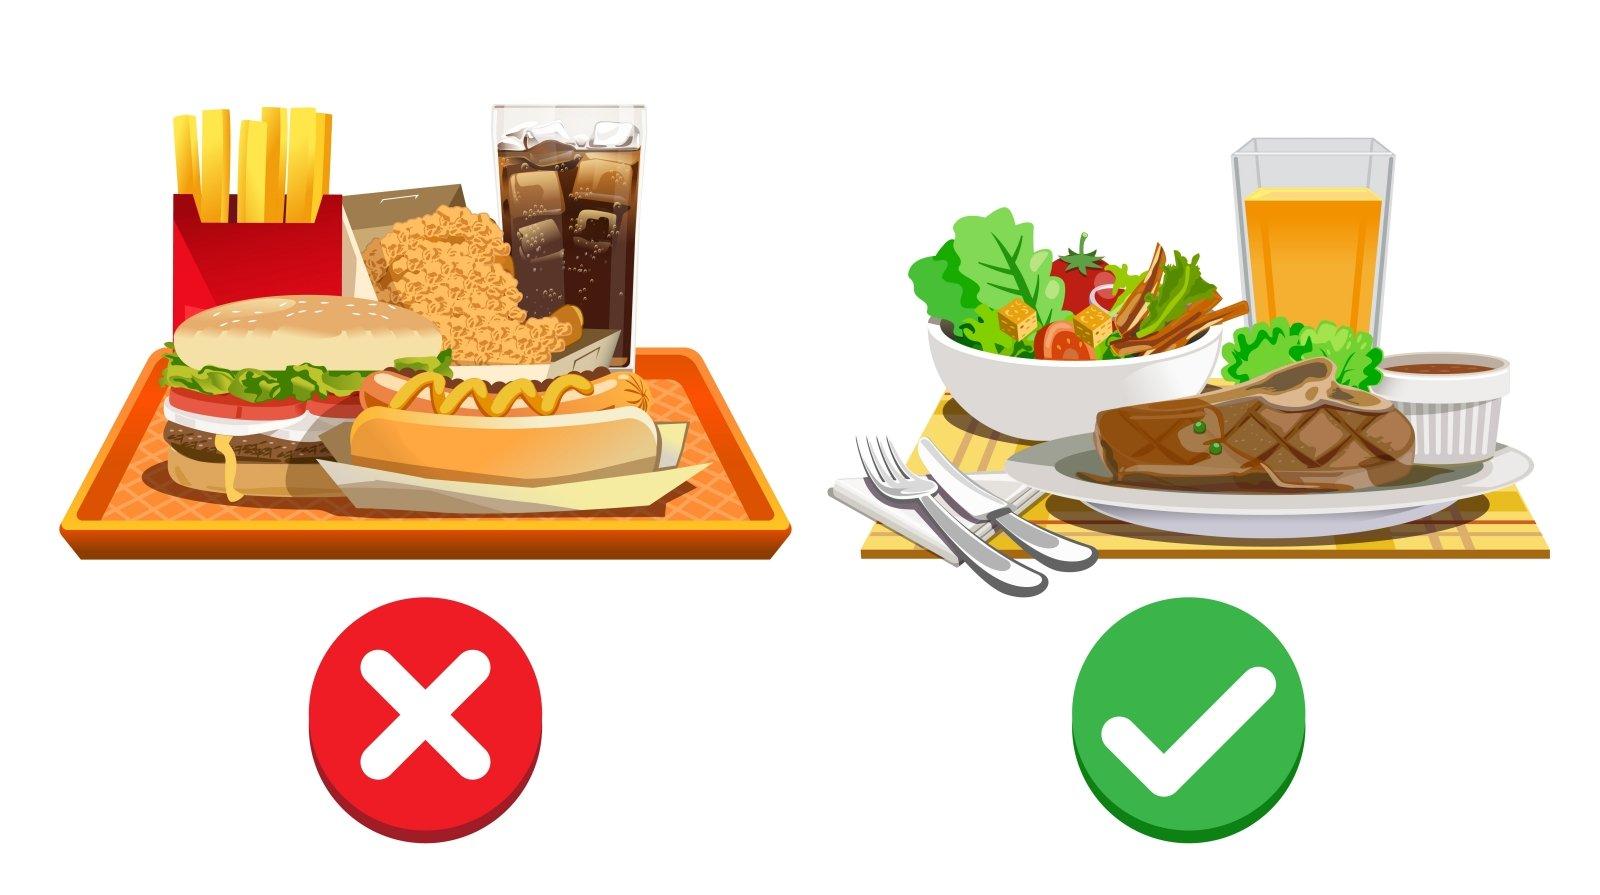 cholesterolio ir hipertenzijos, ką galite valgyti